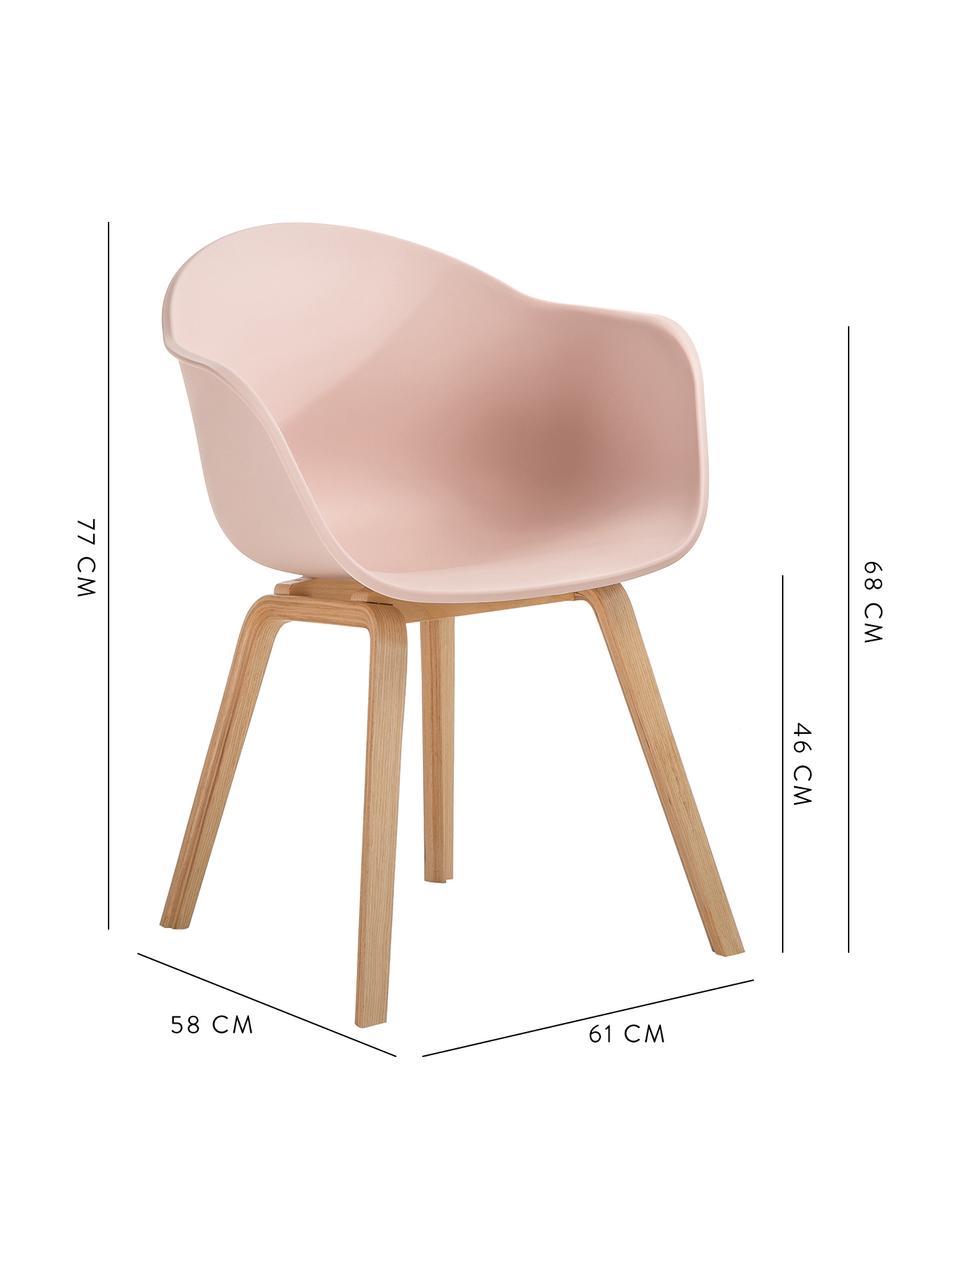 Sedia con braccioli e gambe in legno Claire, Seduta: materiale sintetico, Gambe: legno di faggio, Materiale sintetico rosa, Larg. 60 x Alt. 54 cm